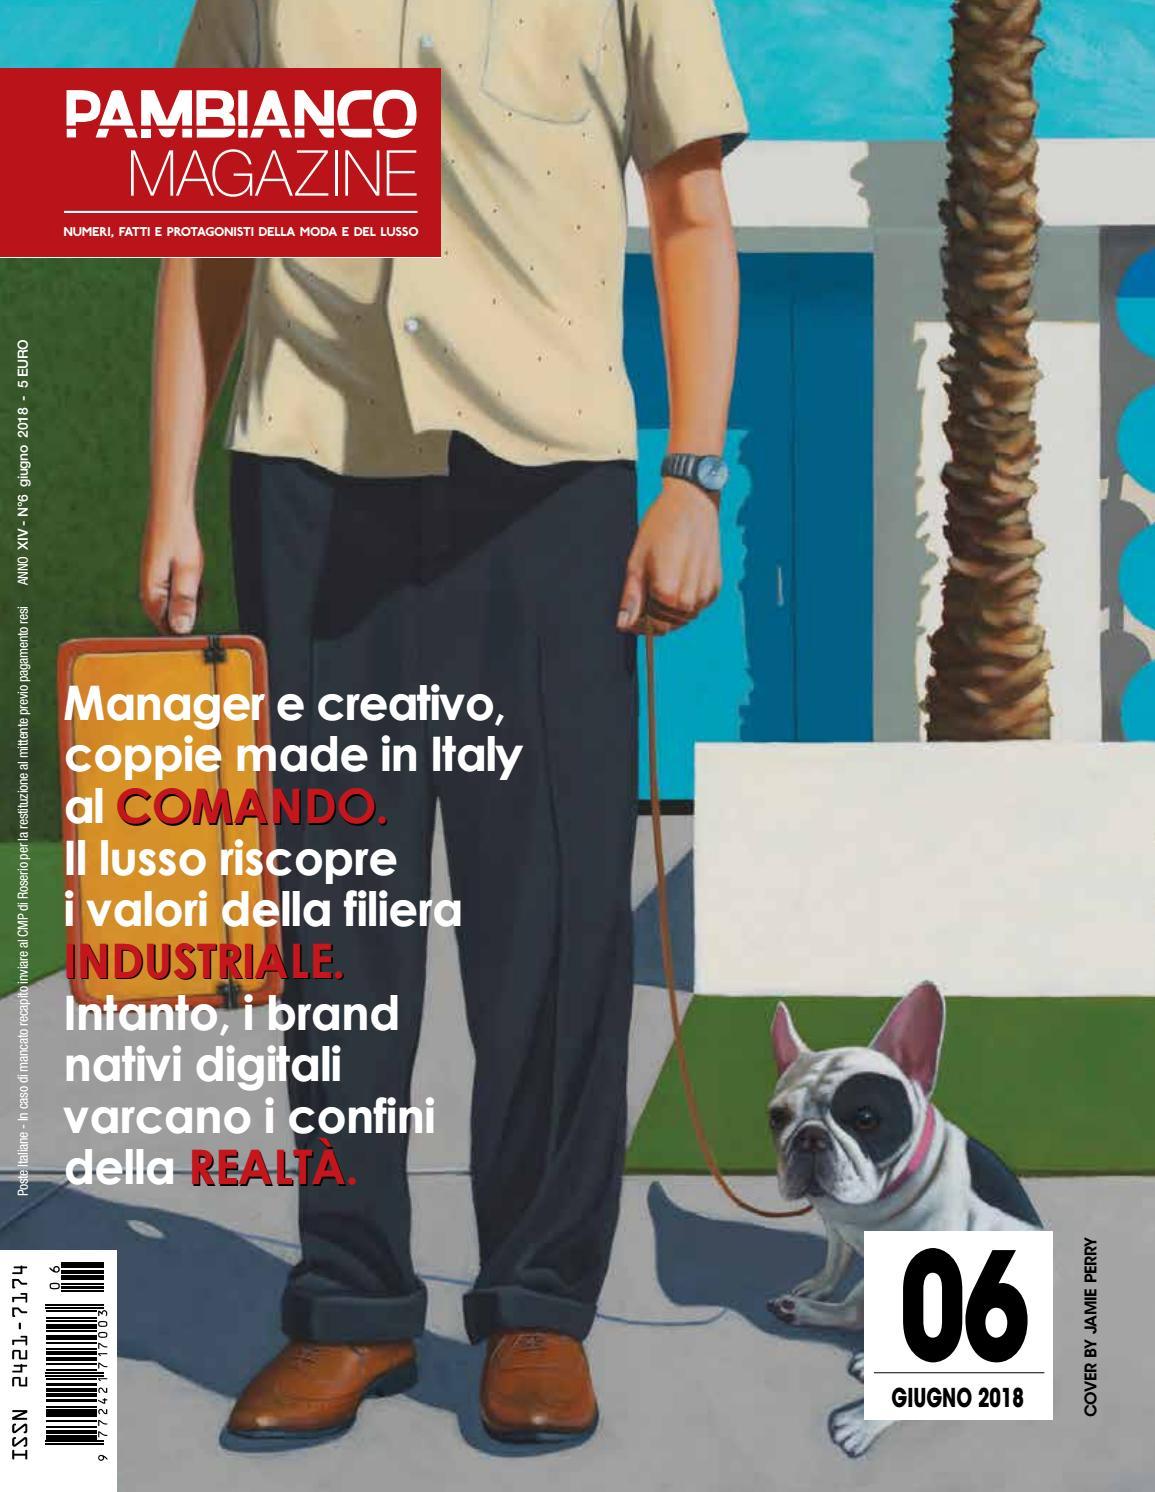 Pambianco magazine 6 XIV by Pambianconews - issuu 2f5d6131bbb